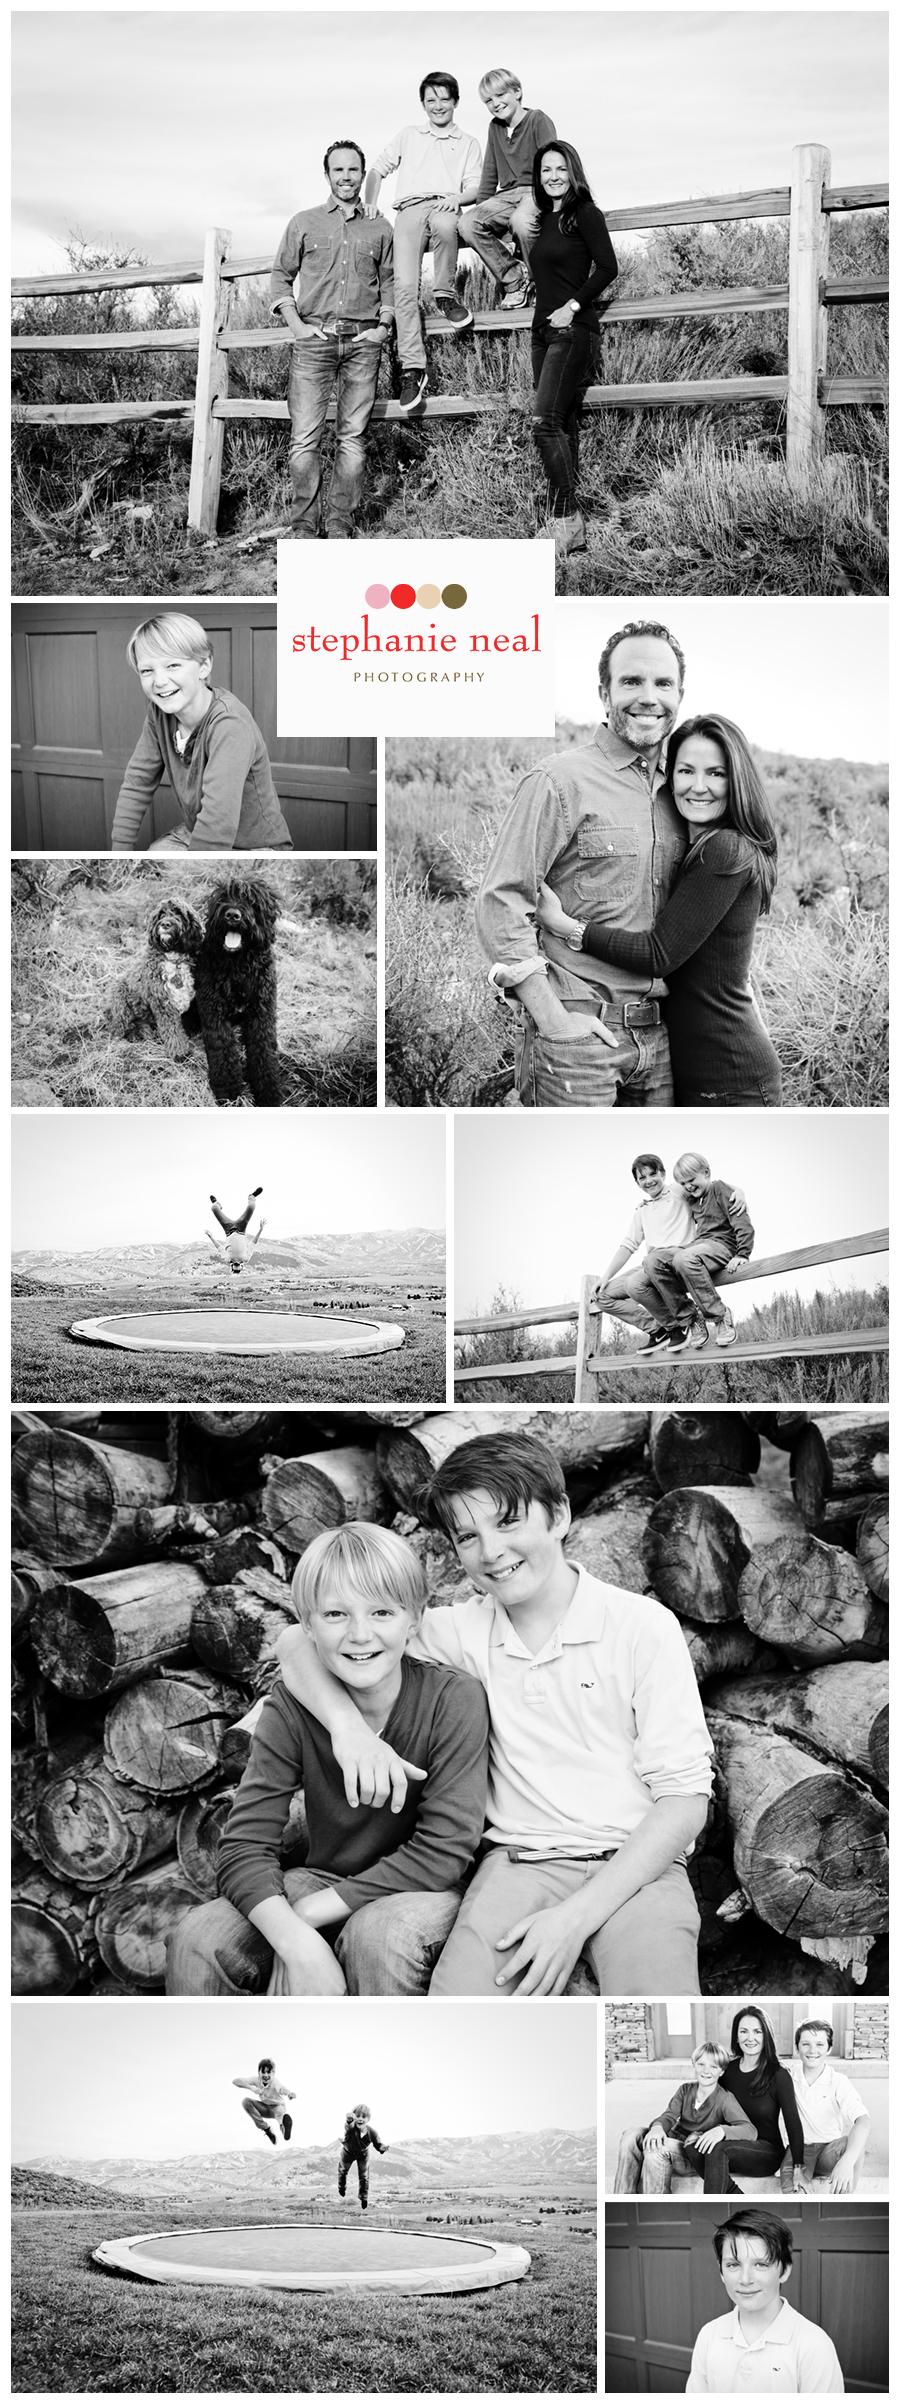 Stephanie Neal Photography- Park City, Utah family portrait photographer